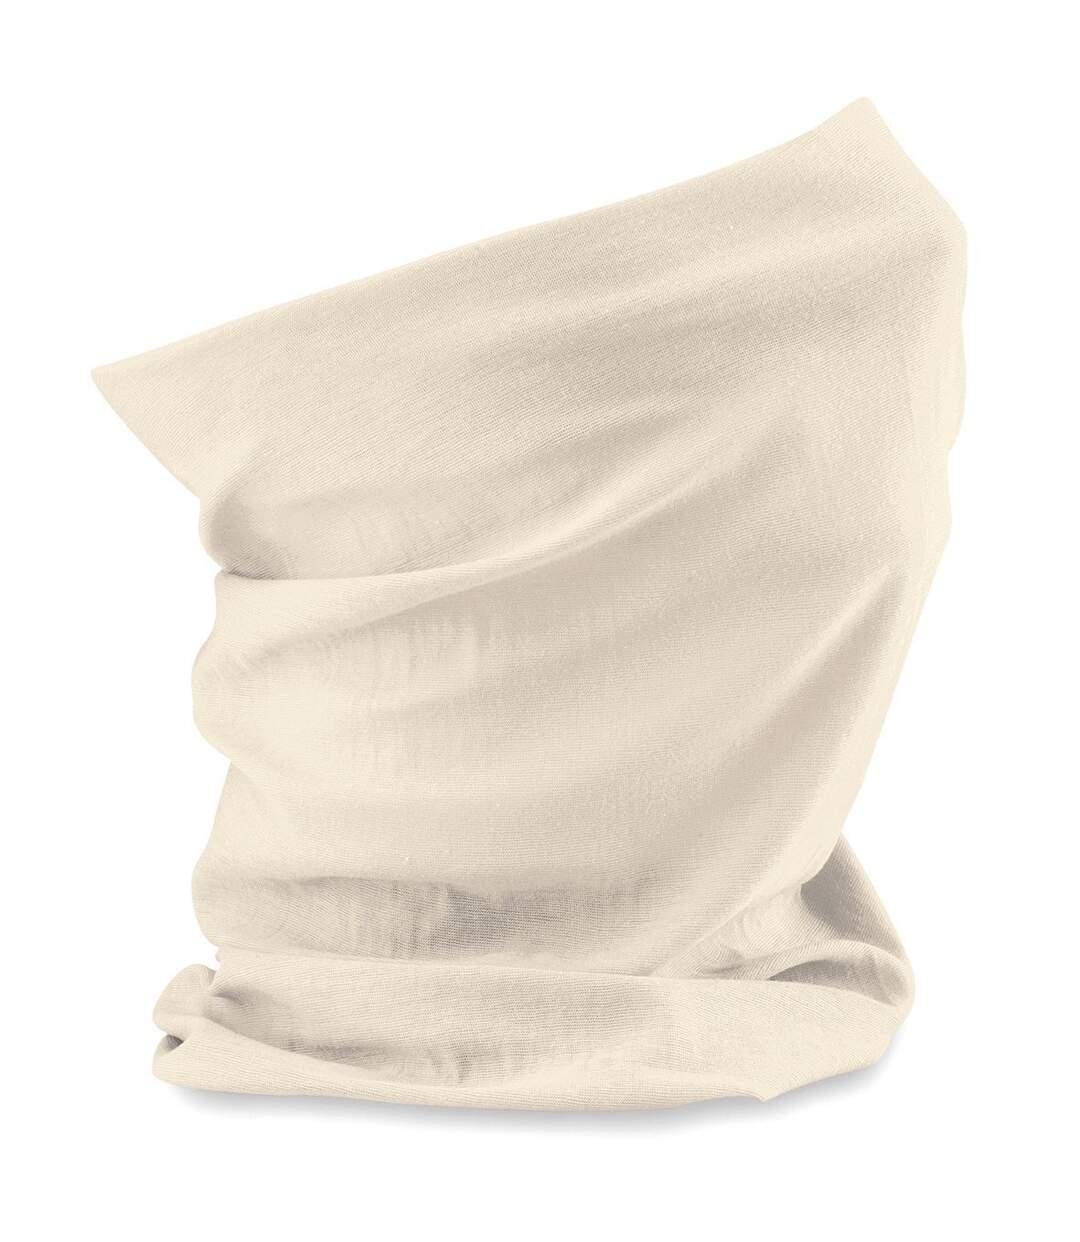 Echarpe tubulaire - tour de cou adulte - B900 - beige sable